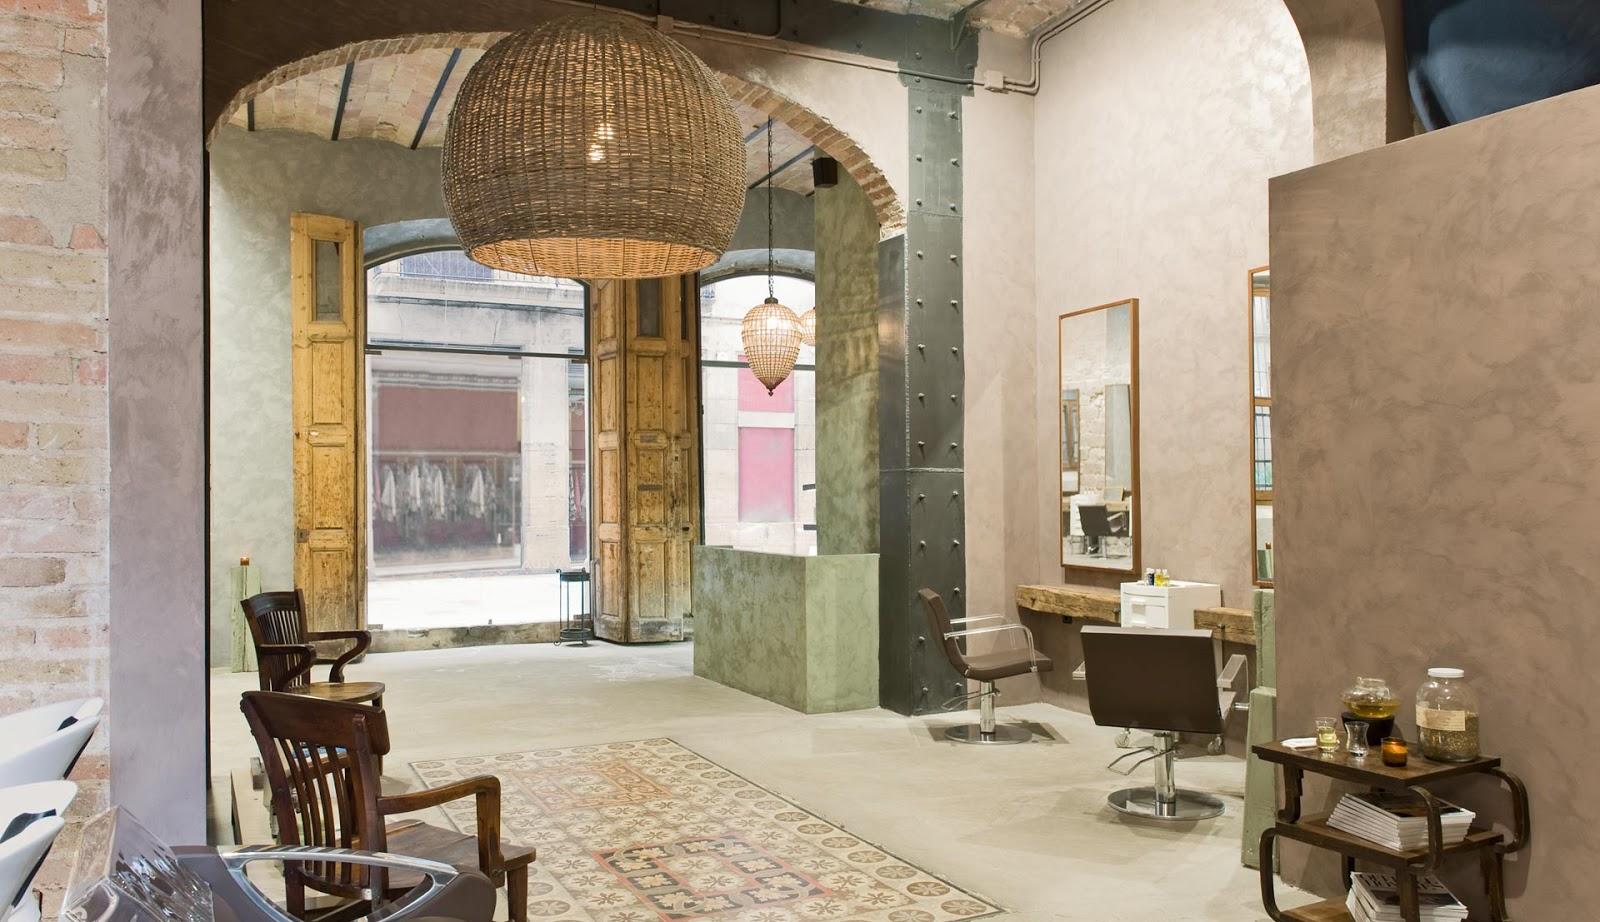 Mes caprices belges decoraci n interiorismo y for Decoracion en peluquerias